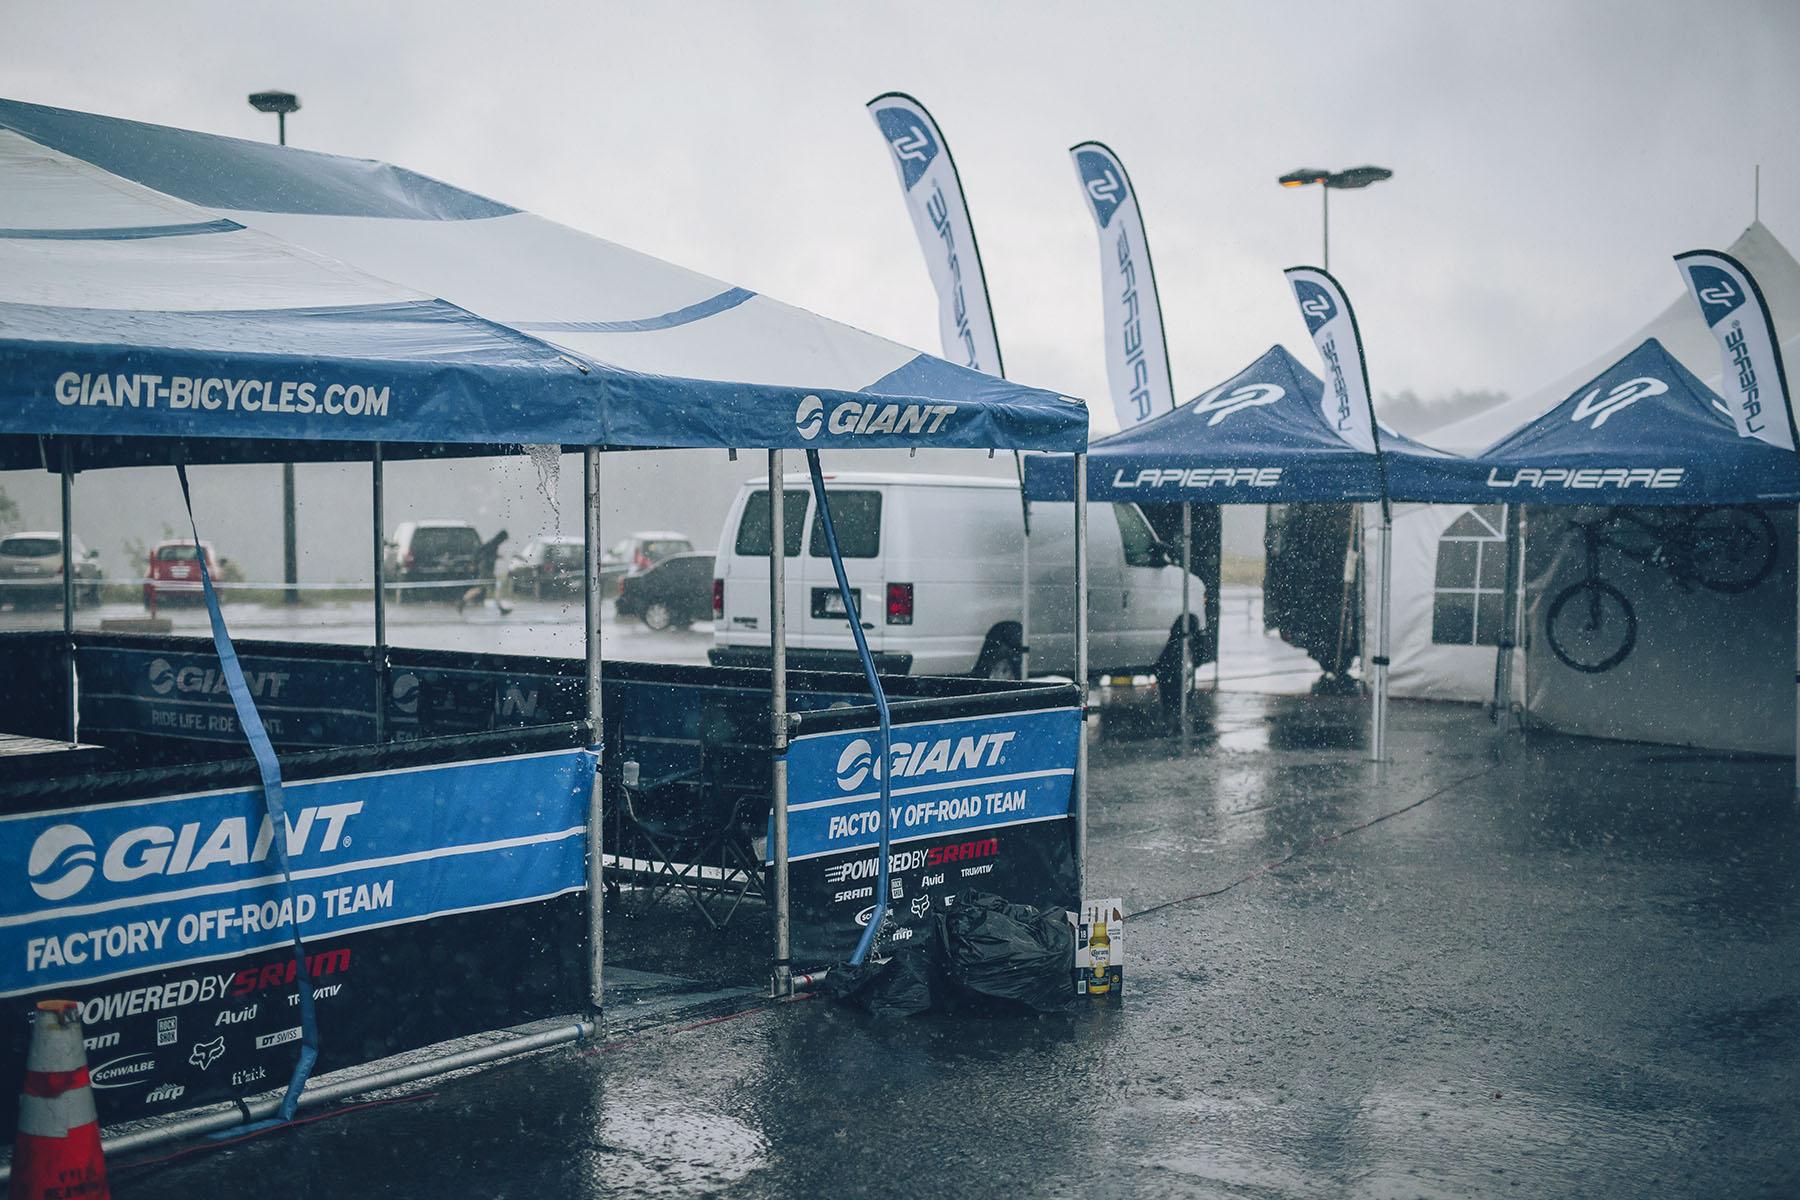 Mit dem starken Regen hörten sämtliche Aktivitäten im Fahrerlager auf, alle packten ihr Zeug zusammen und verließen den Platz. Für morgen ist ebenfalls Regen angesagt, so dass es mal wieder ziemlich spannend wird.